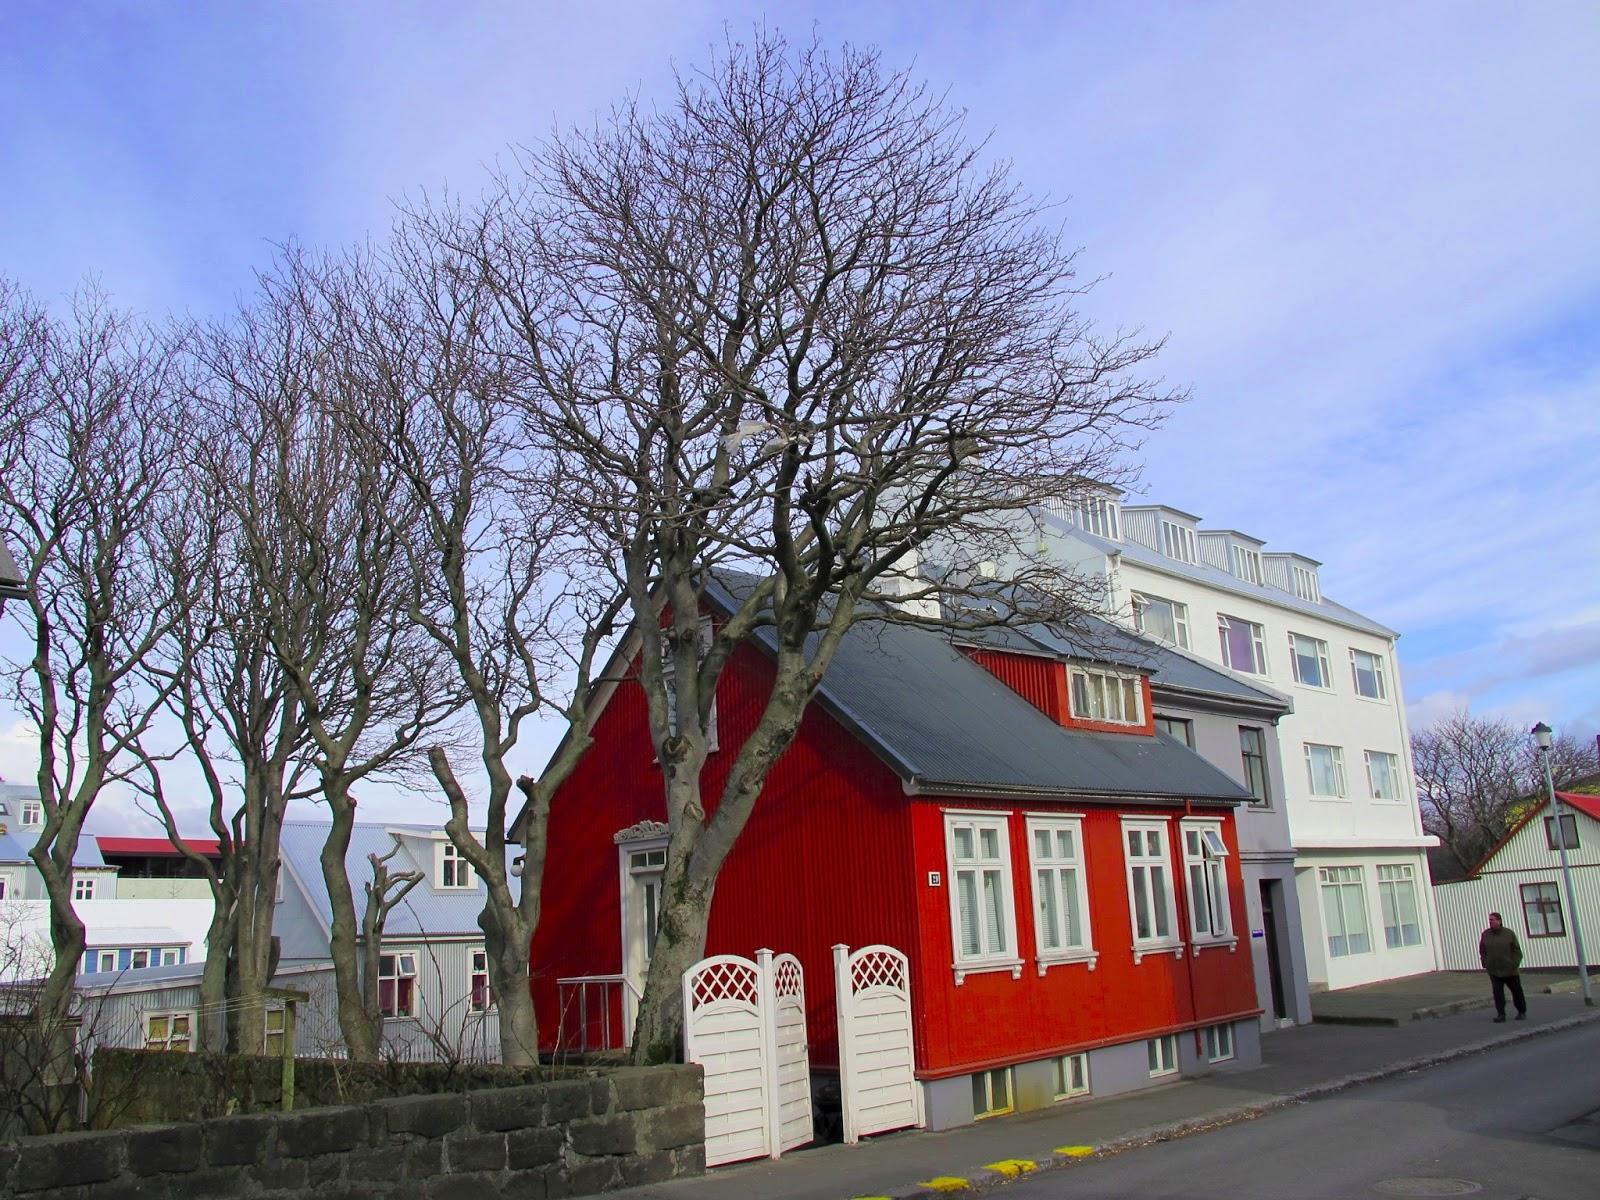 Luces del norte islandia 2013 las casas de colores de reykjavik islandia - Casas en islandia ...